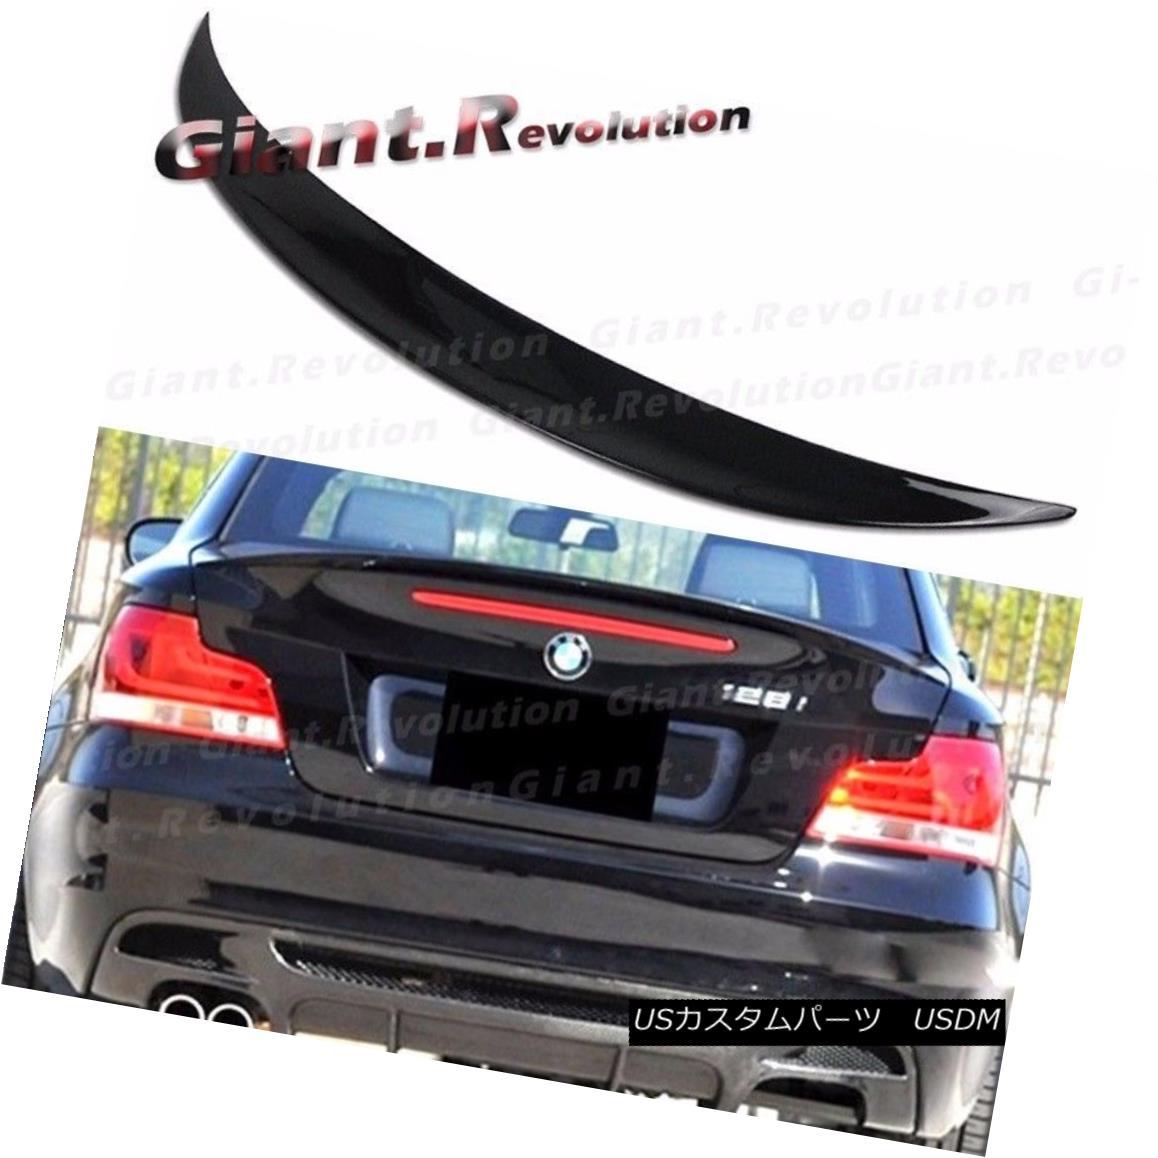 エアロパーツ #668 Jet Black Performance Trunk Spoiler Fit BMW 08-13 E82 2D 128i 135i 1M Wing #668ジェットブラック・パフォーマンス・トランク・スポイラー・フィットBMW 08-13 E82 2D 128i 135i 1Mウィング